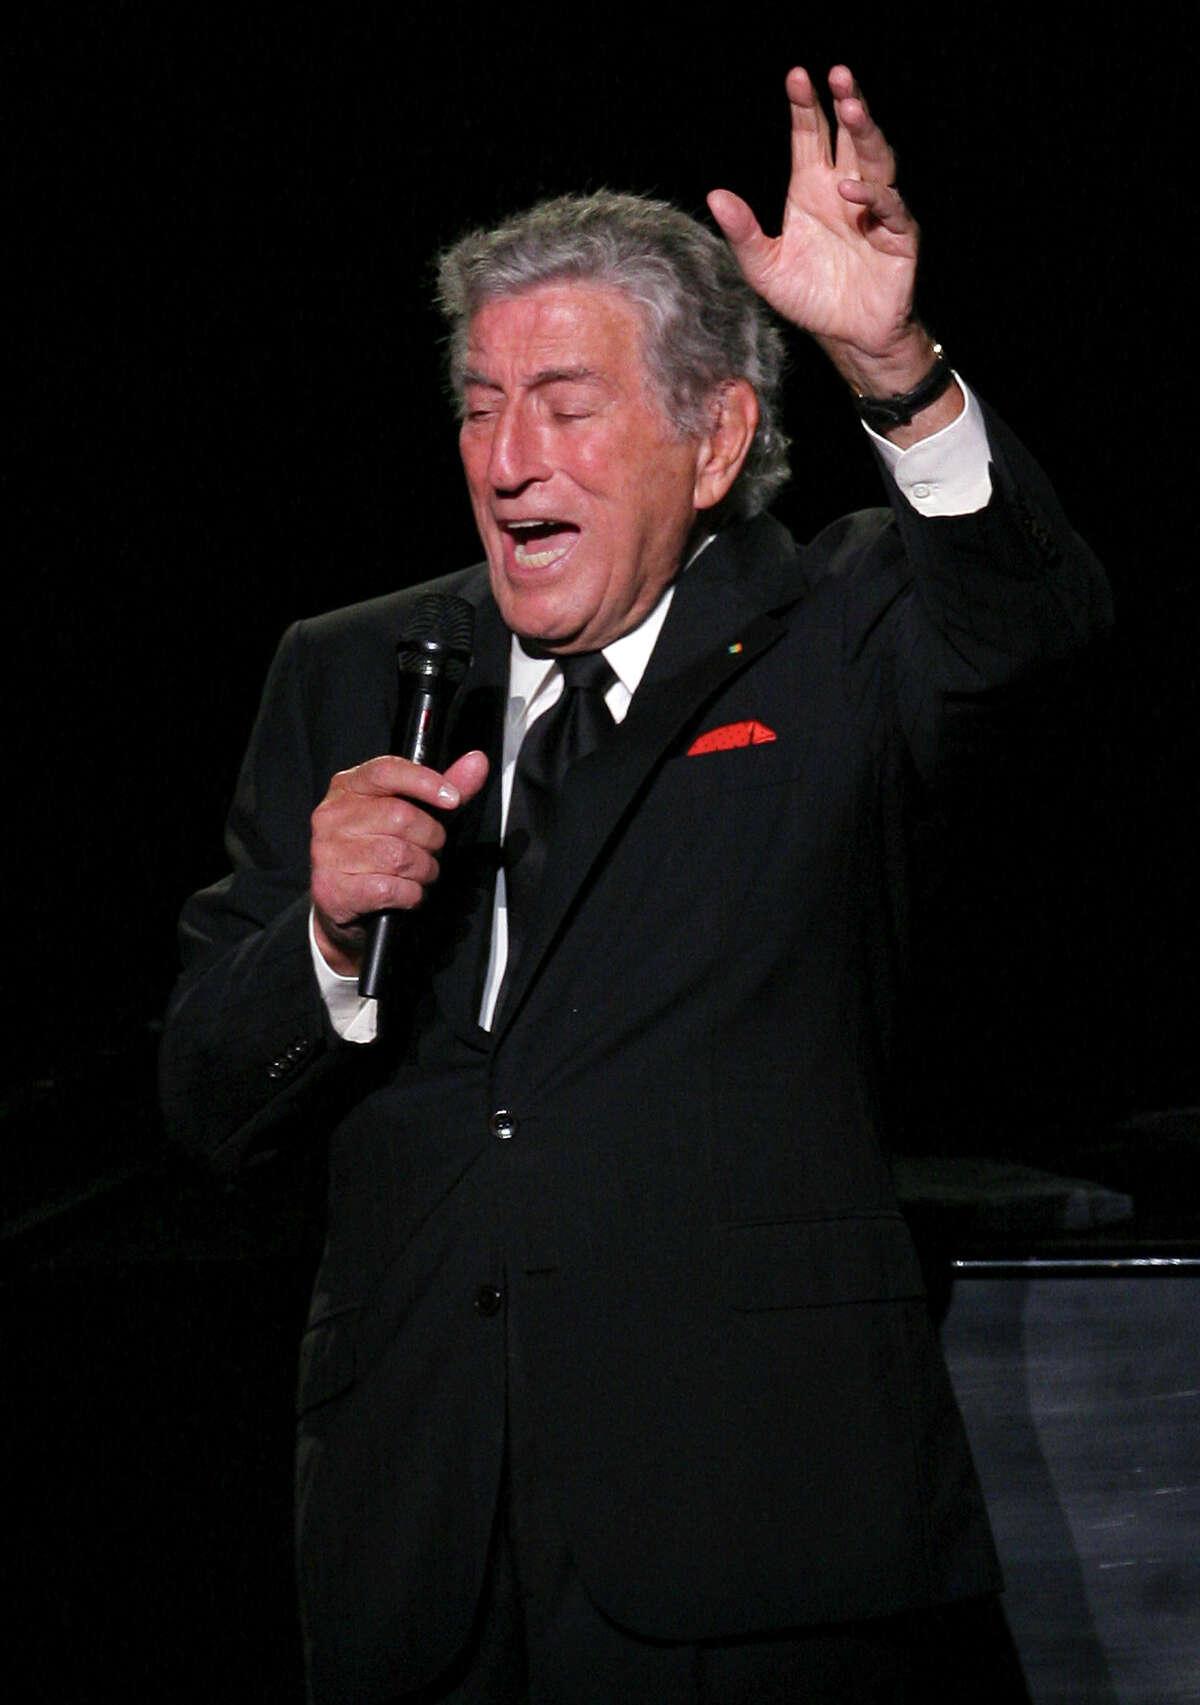 Legendary singer Tony Bennett performs